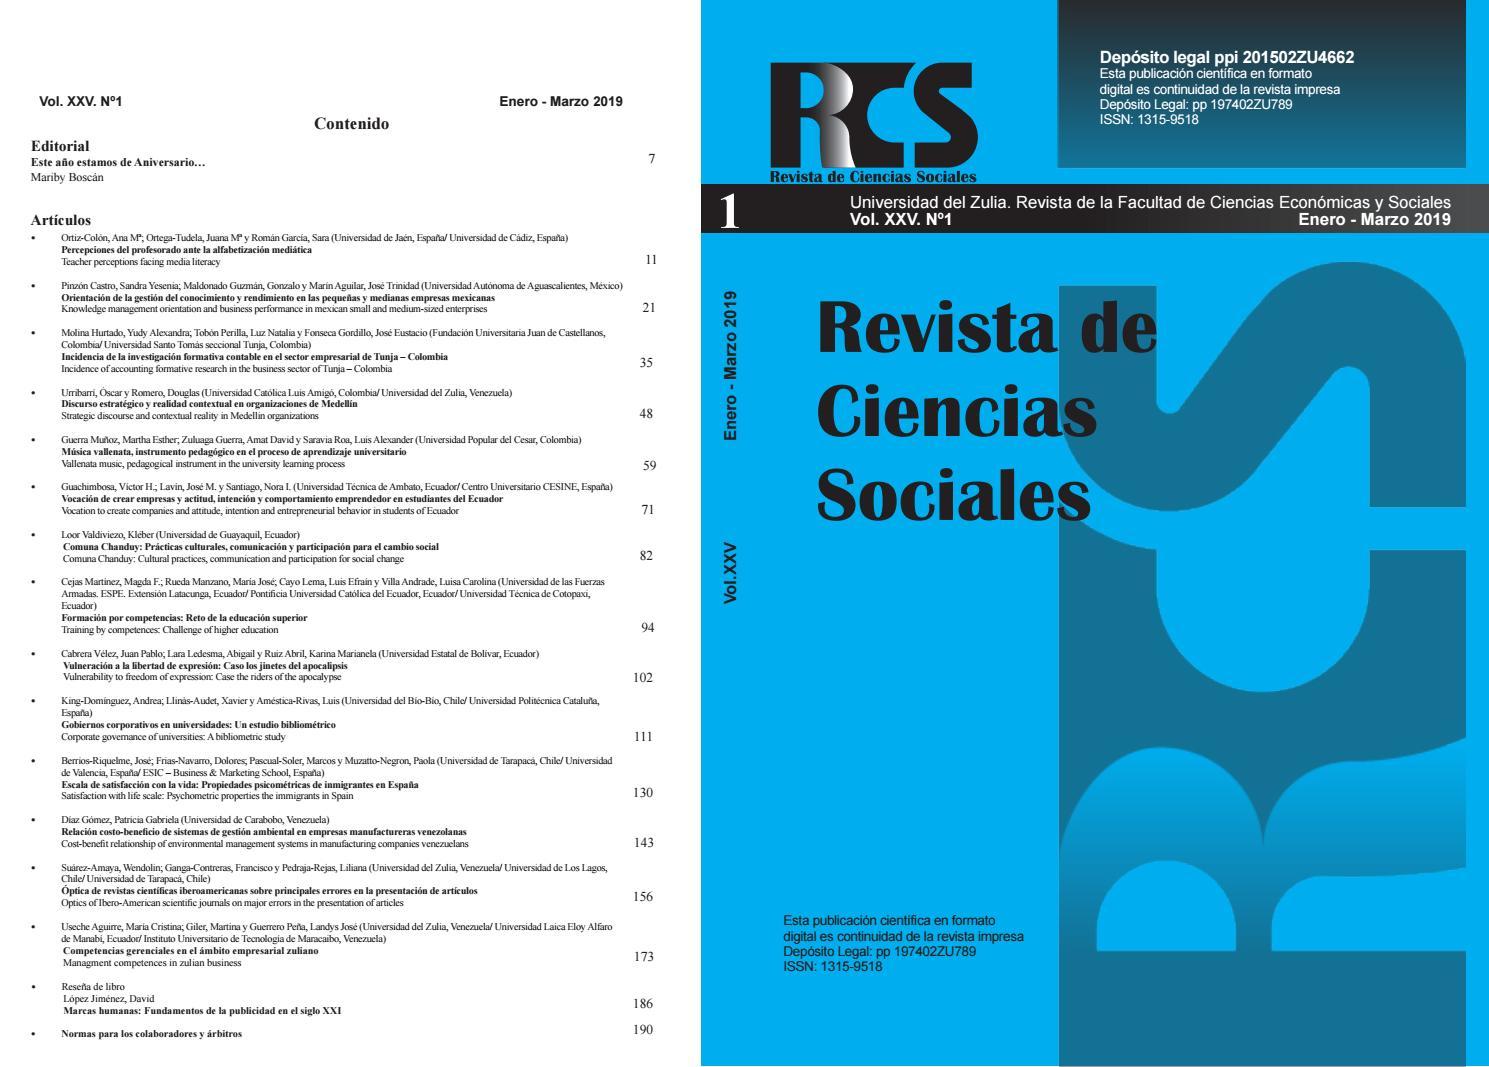 Revista De Ciencias Sociales Vol Xxv No 1 By Rcs Uniluz